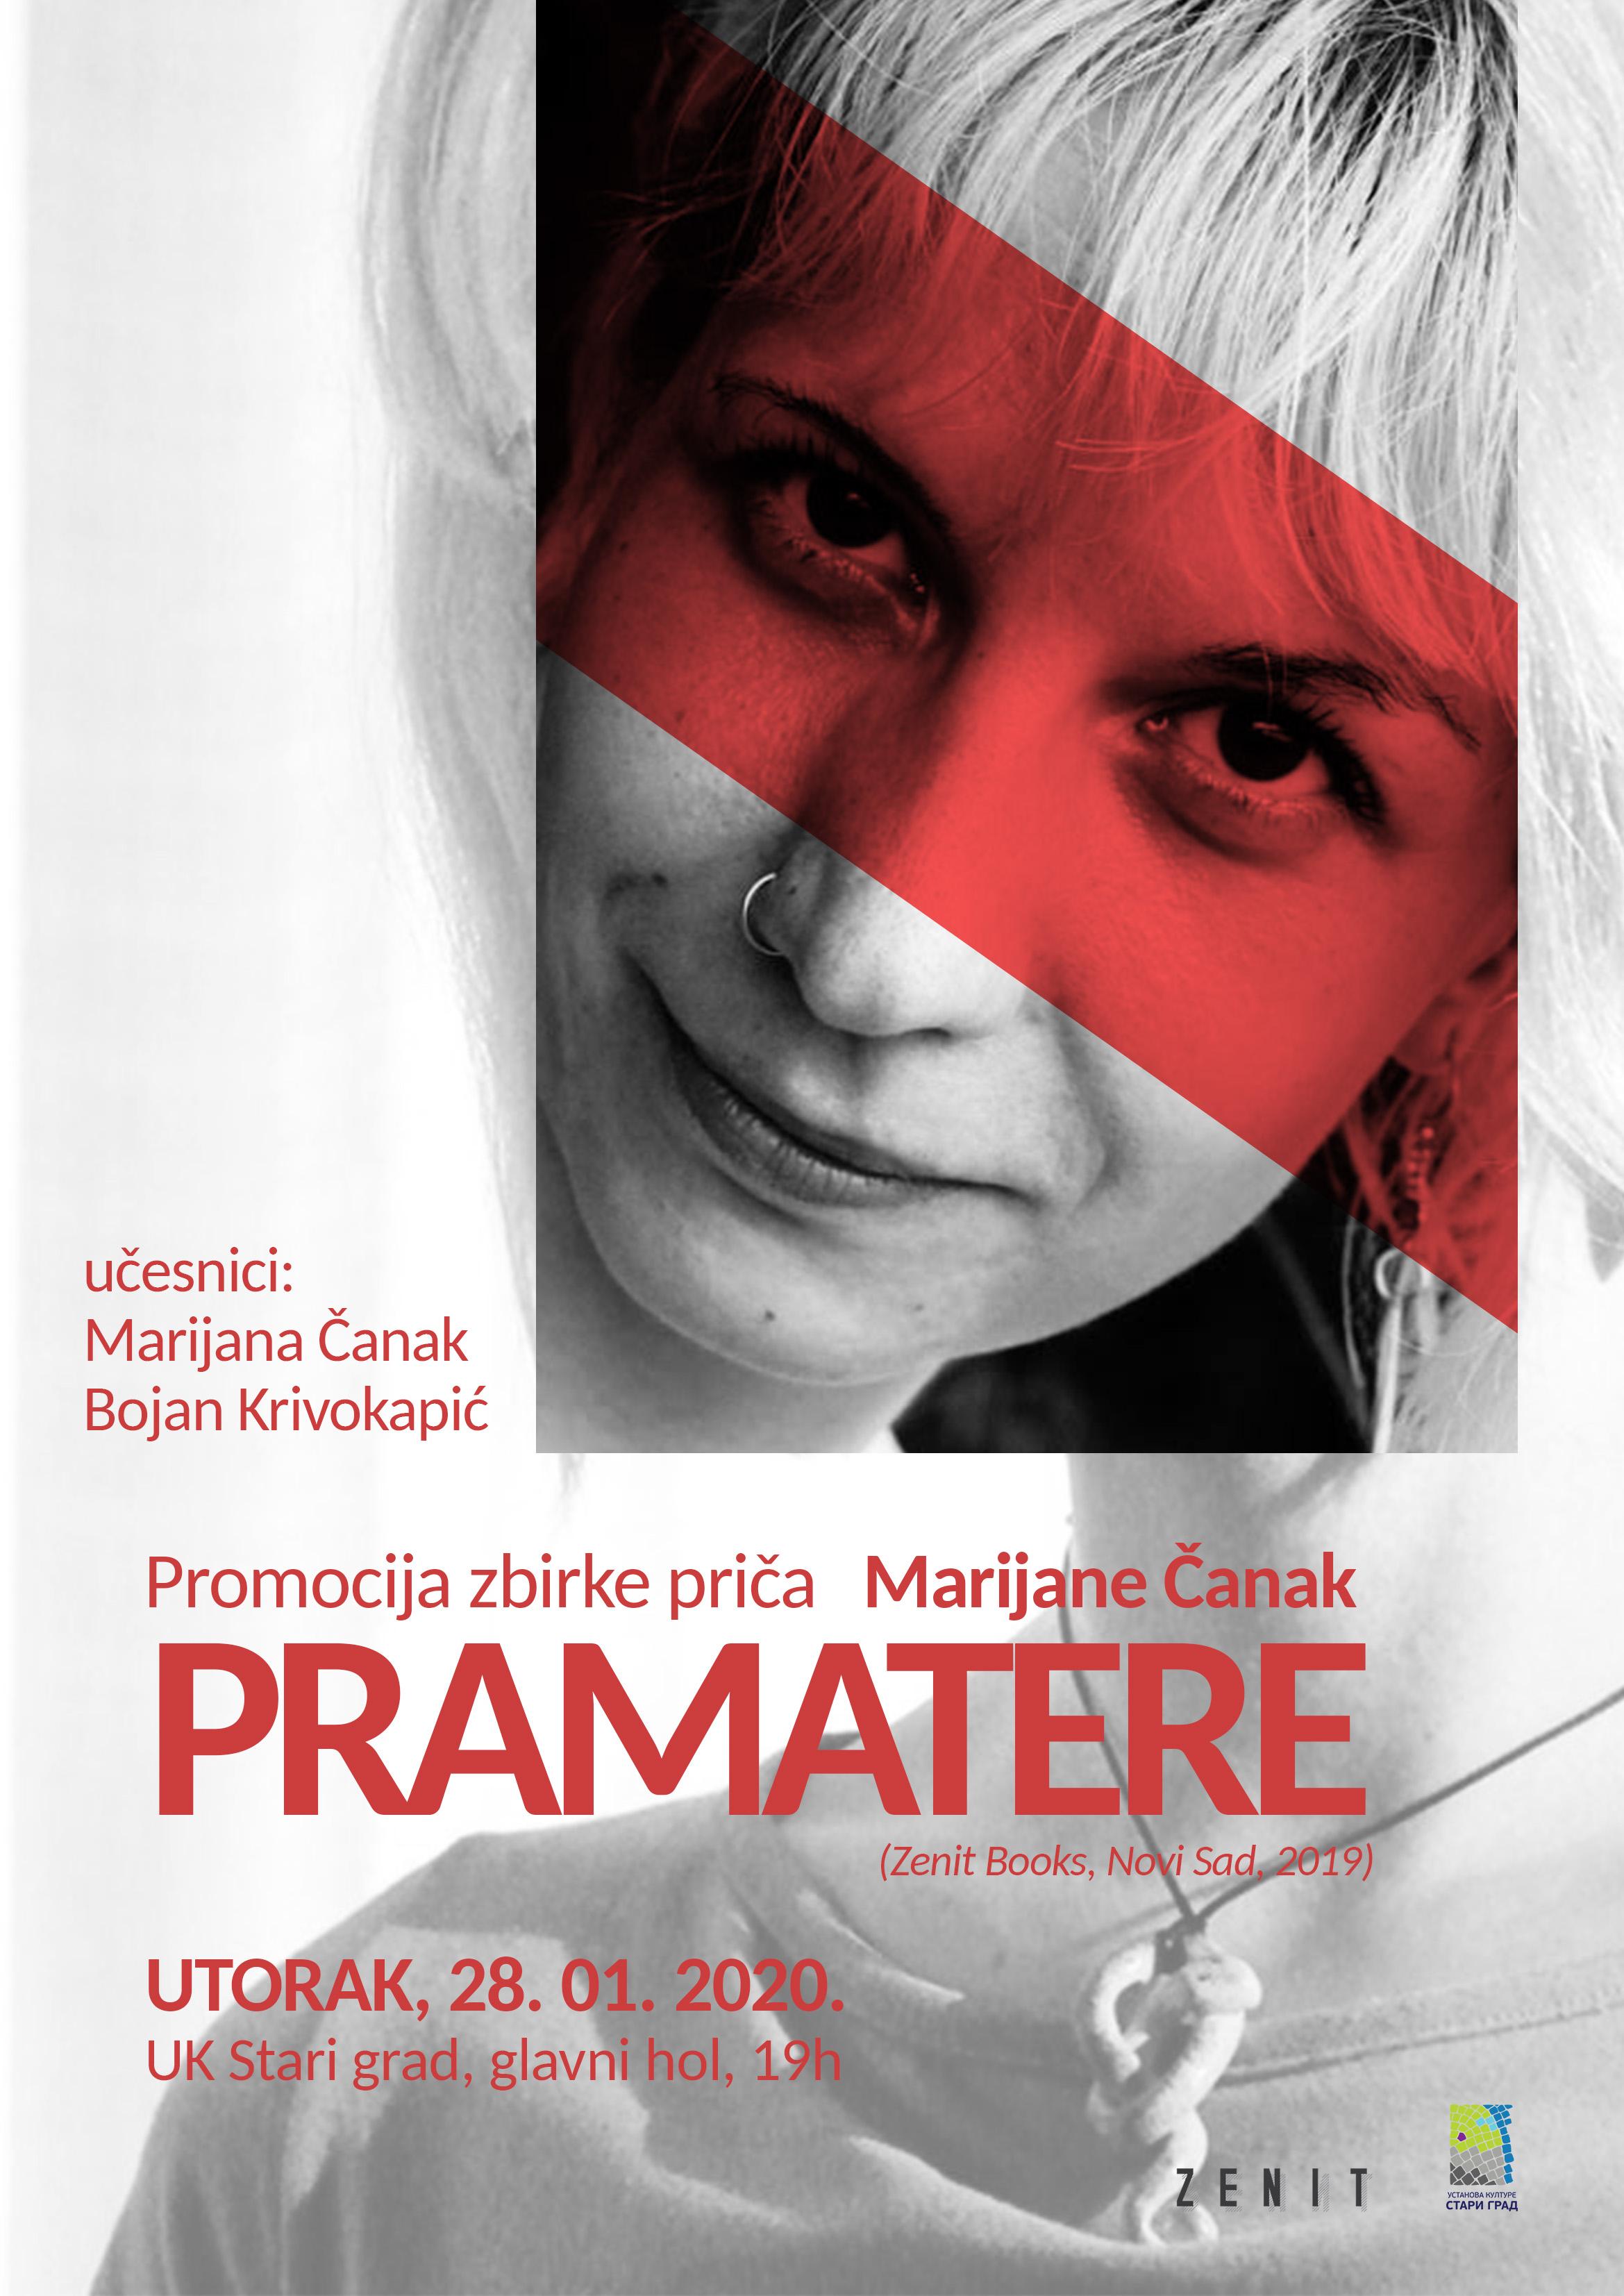 """Promocija zbirke priča """"Pramatere"""" Marijane Čanak"""